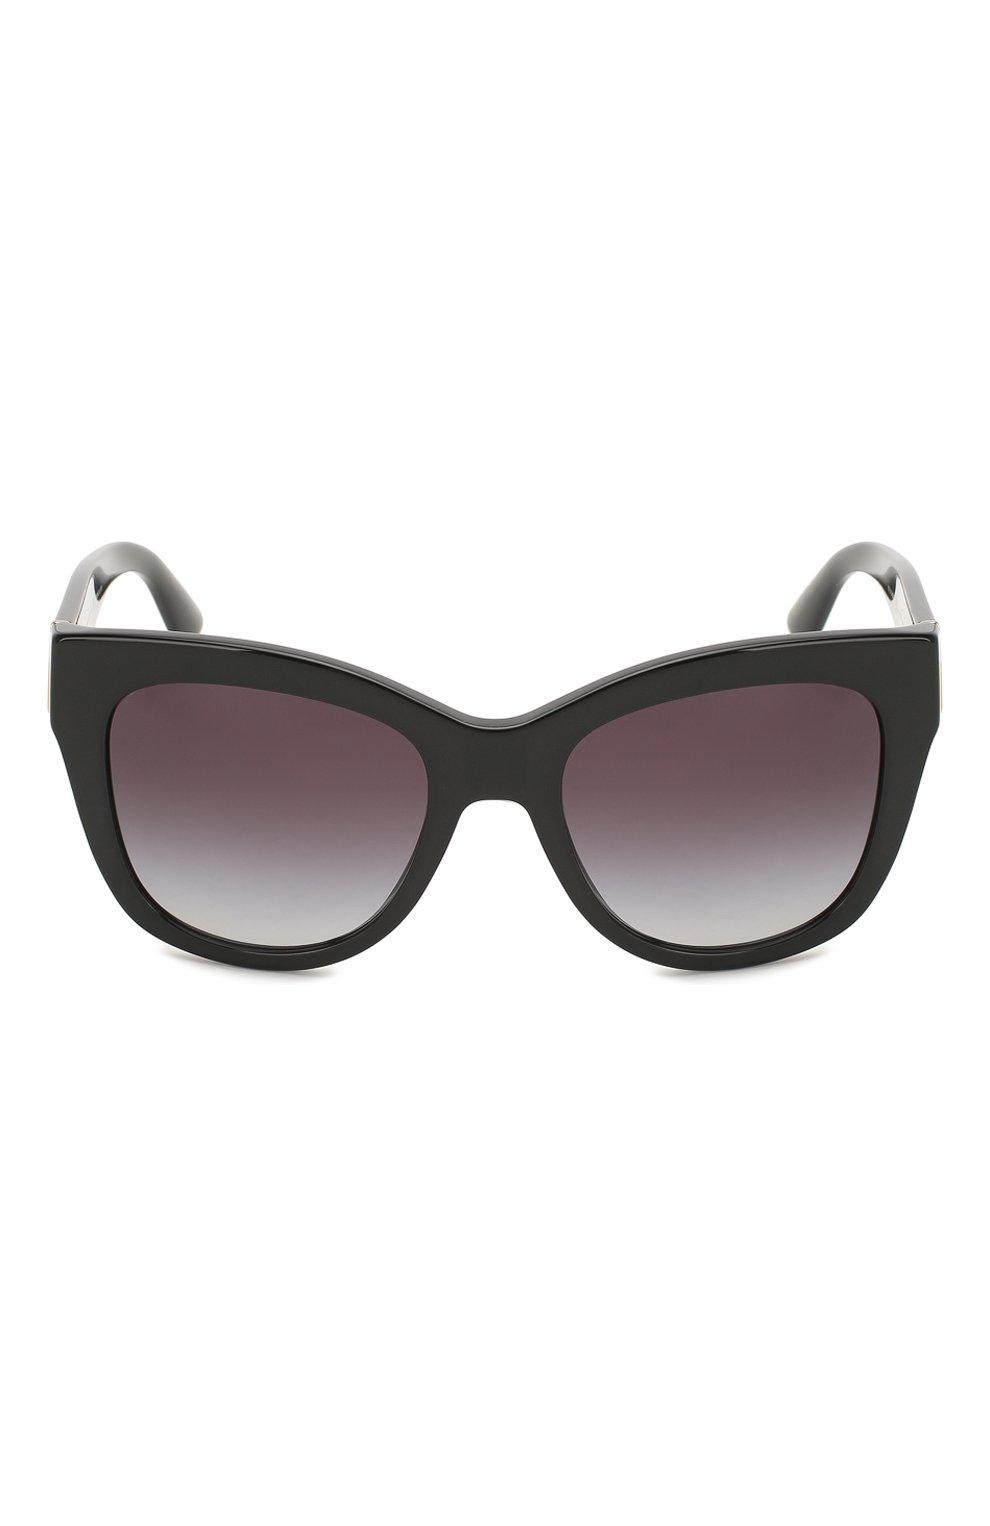 Женские солнцезащитные очки DOLCE & GABBANA черного цвета, арт. 4270-501/8G | Фото 3